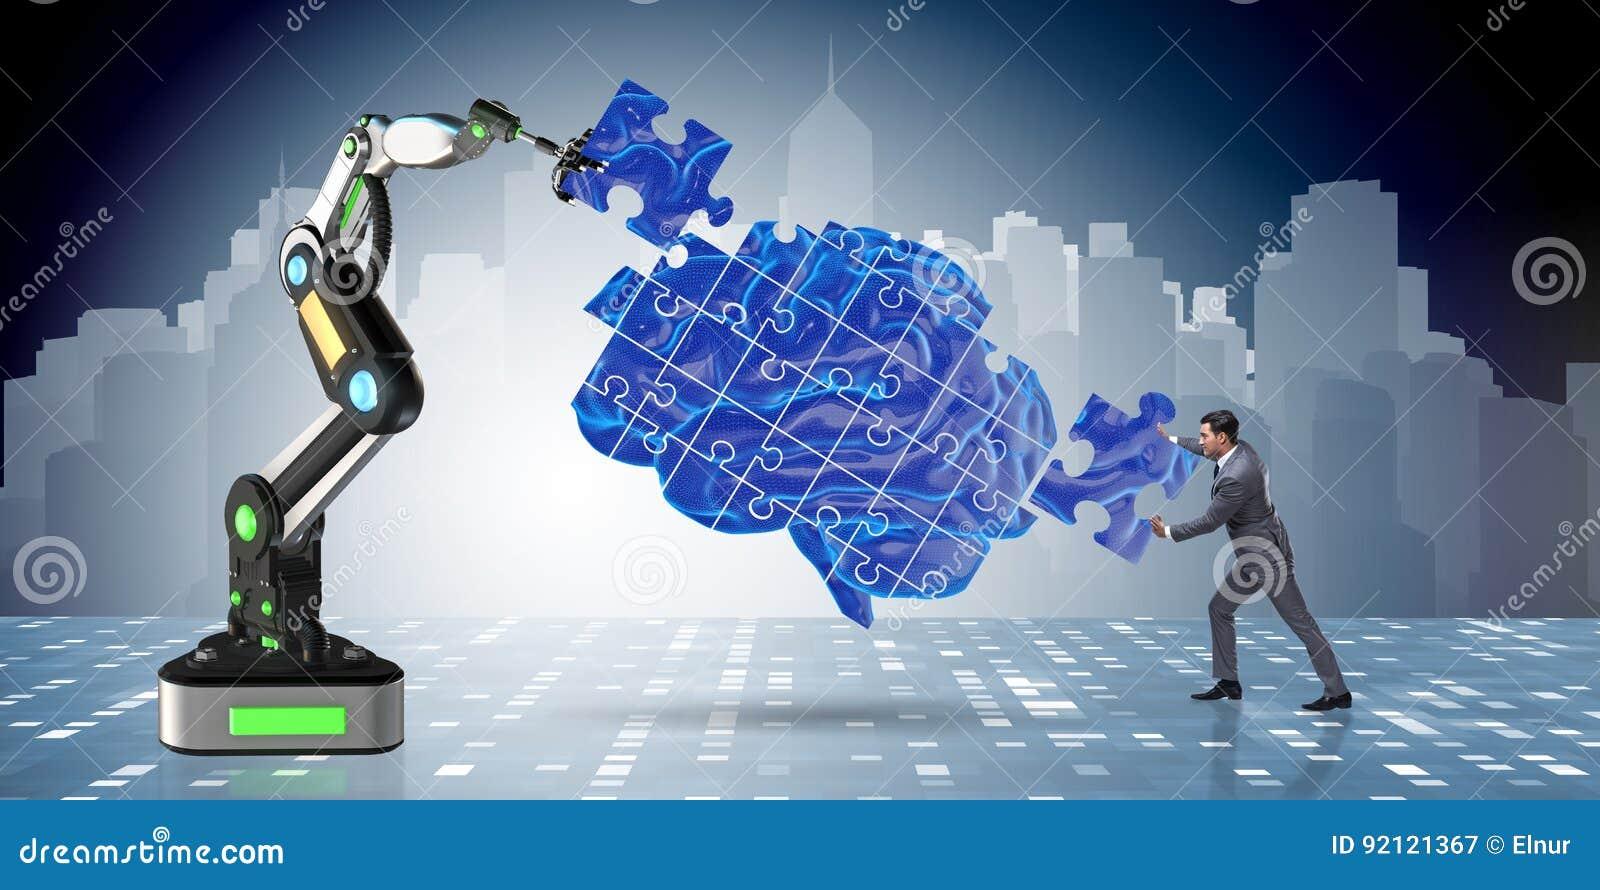 El concepto de la inteligencia artificial con el hombre de negocios